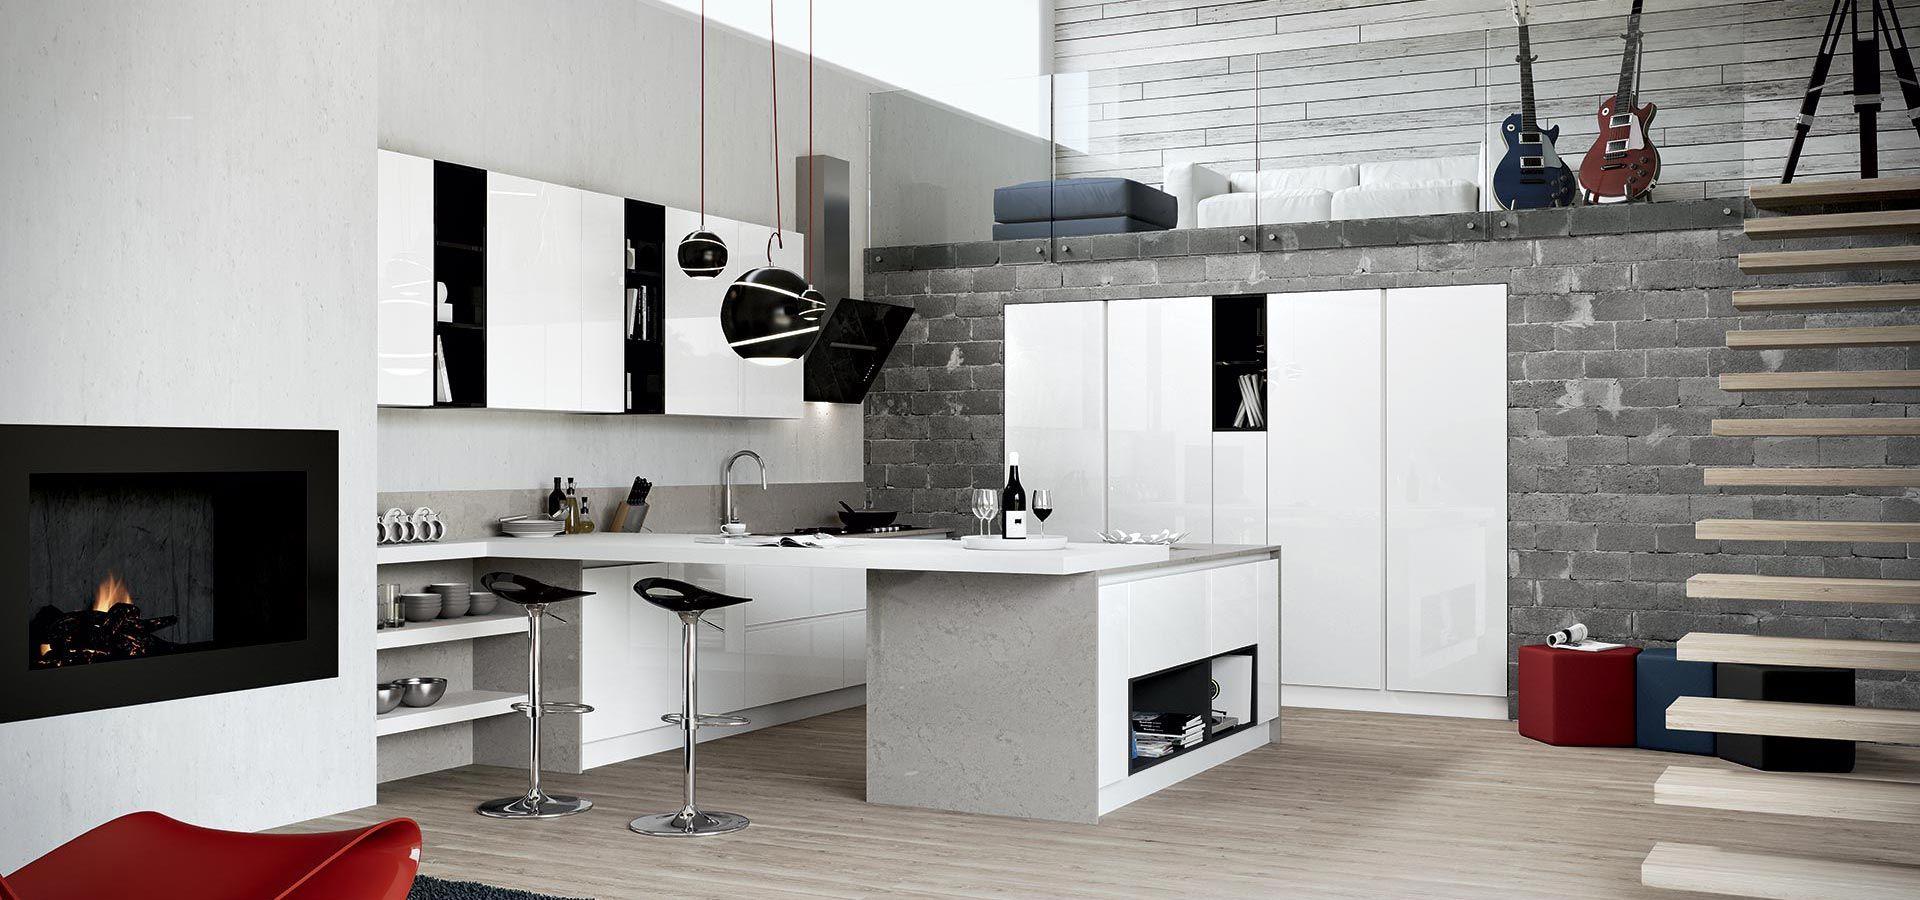 Cucina moderna round finitura bianco vani a giorno - Cucine a giorno ...